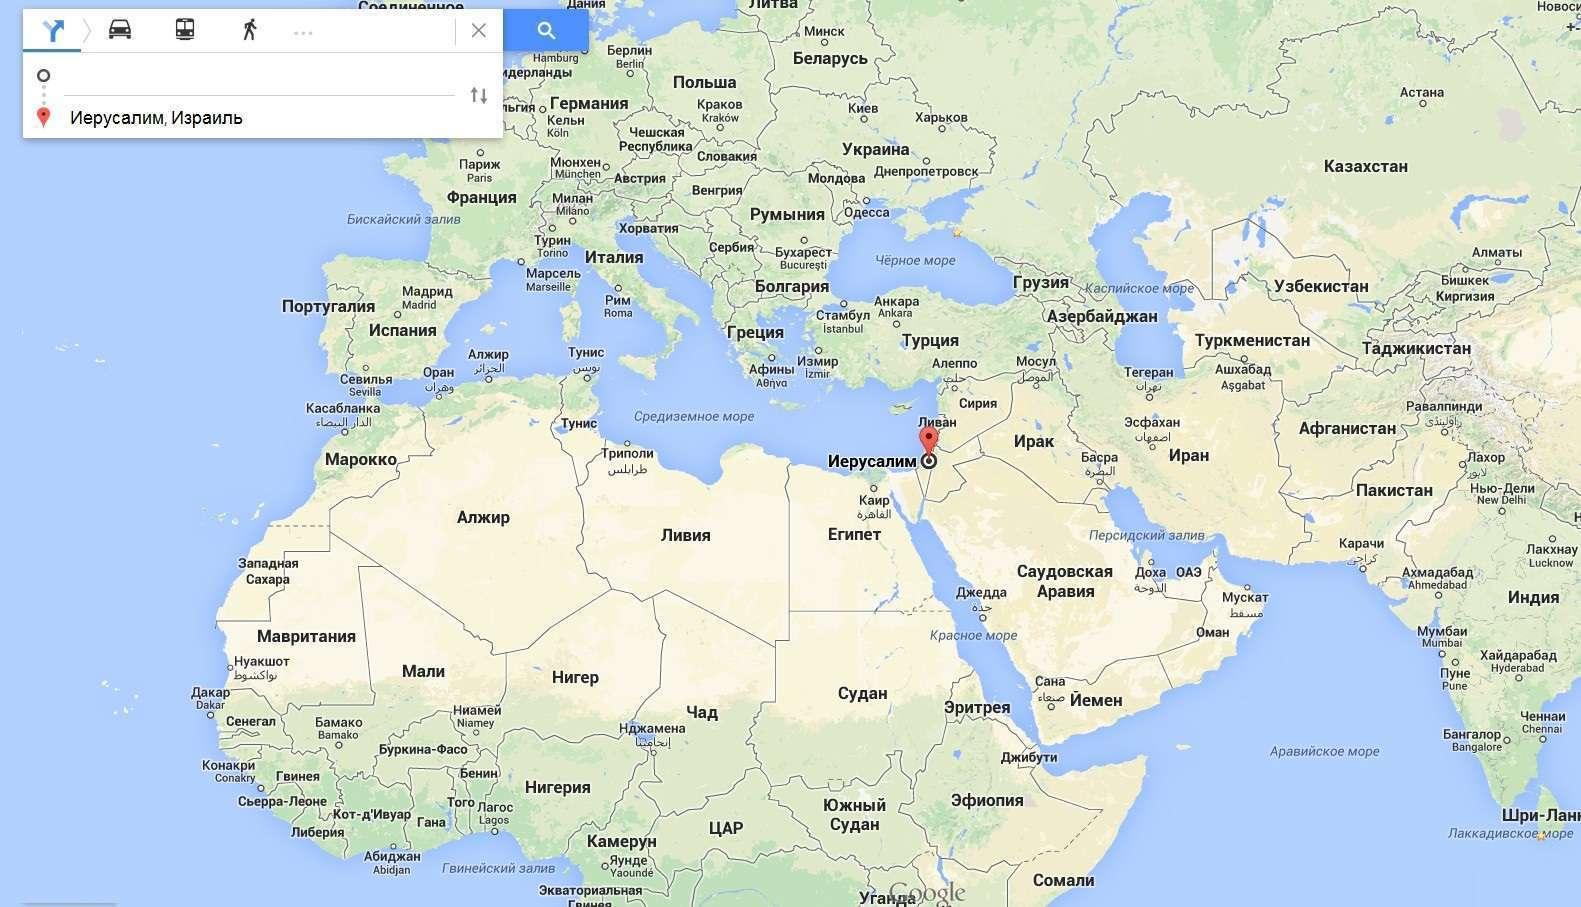 На чьей территории Иерусалим находится сейчас?